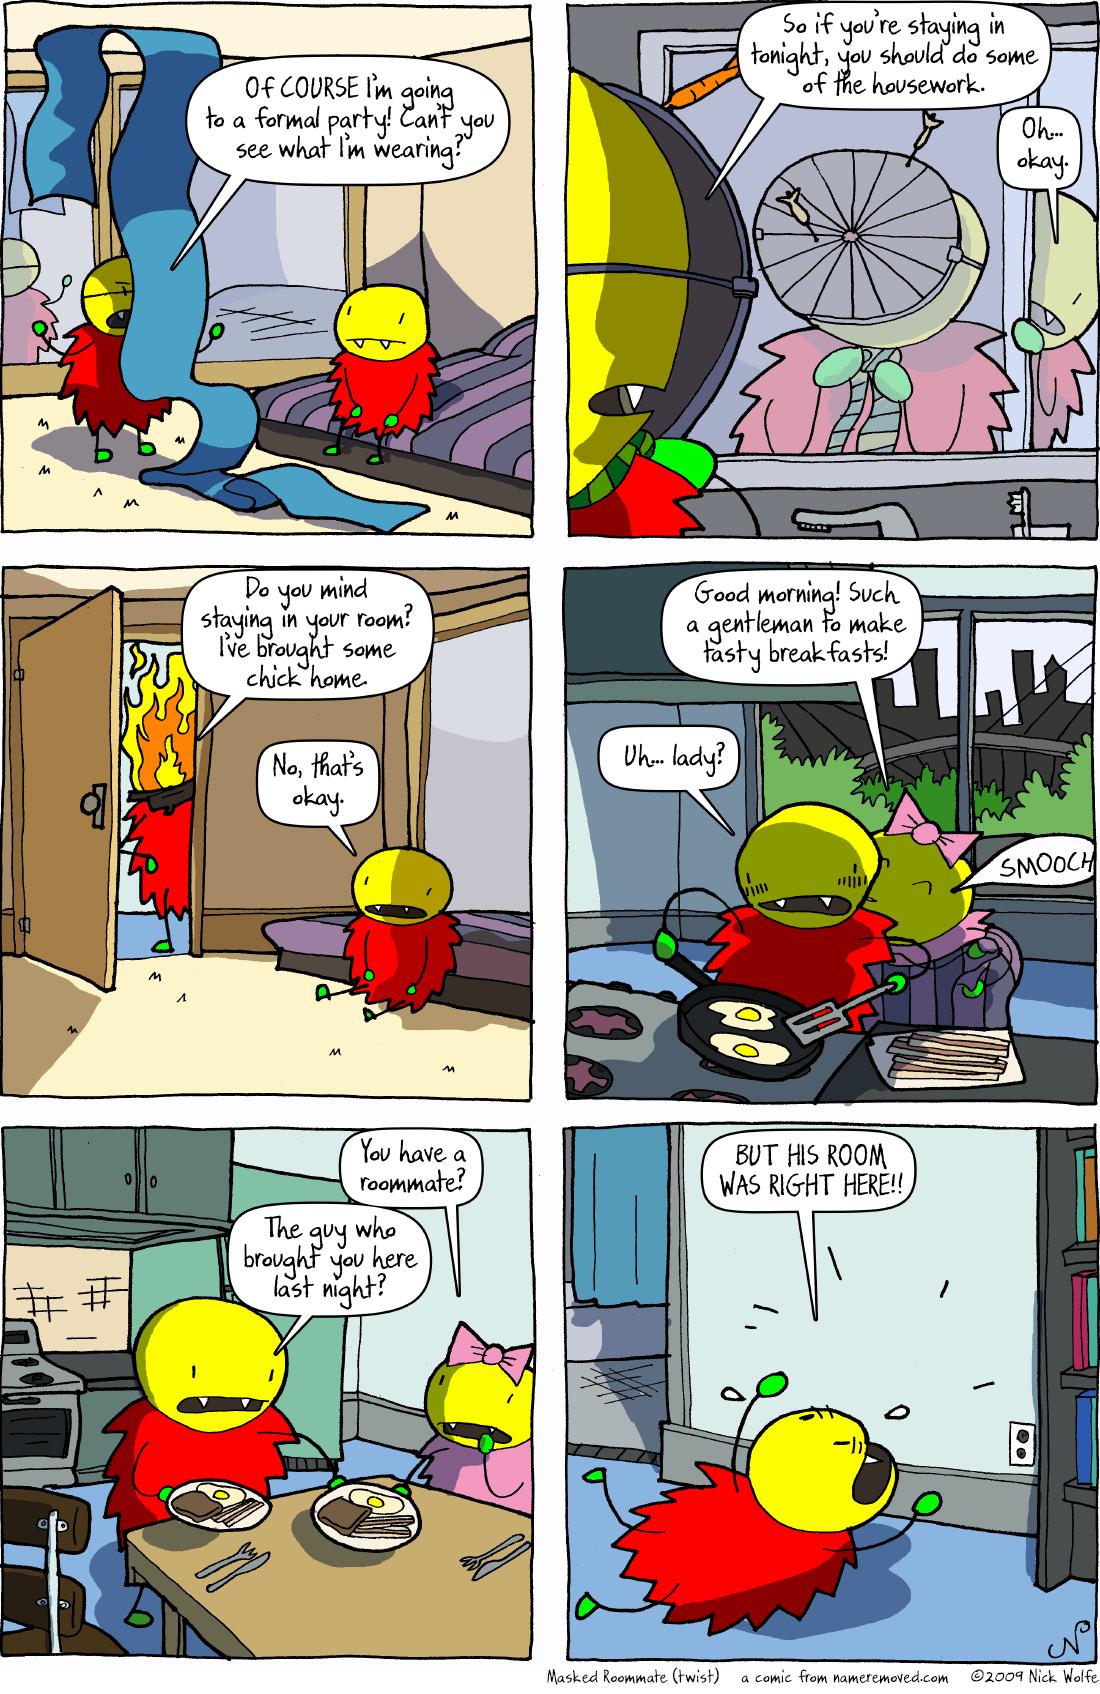 Masked Roommate (twist)